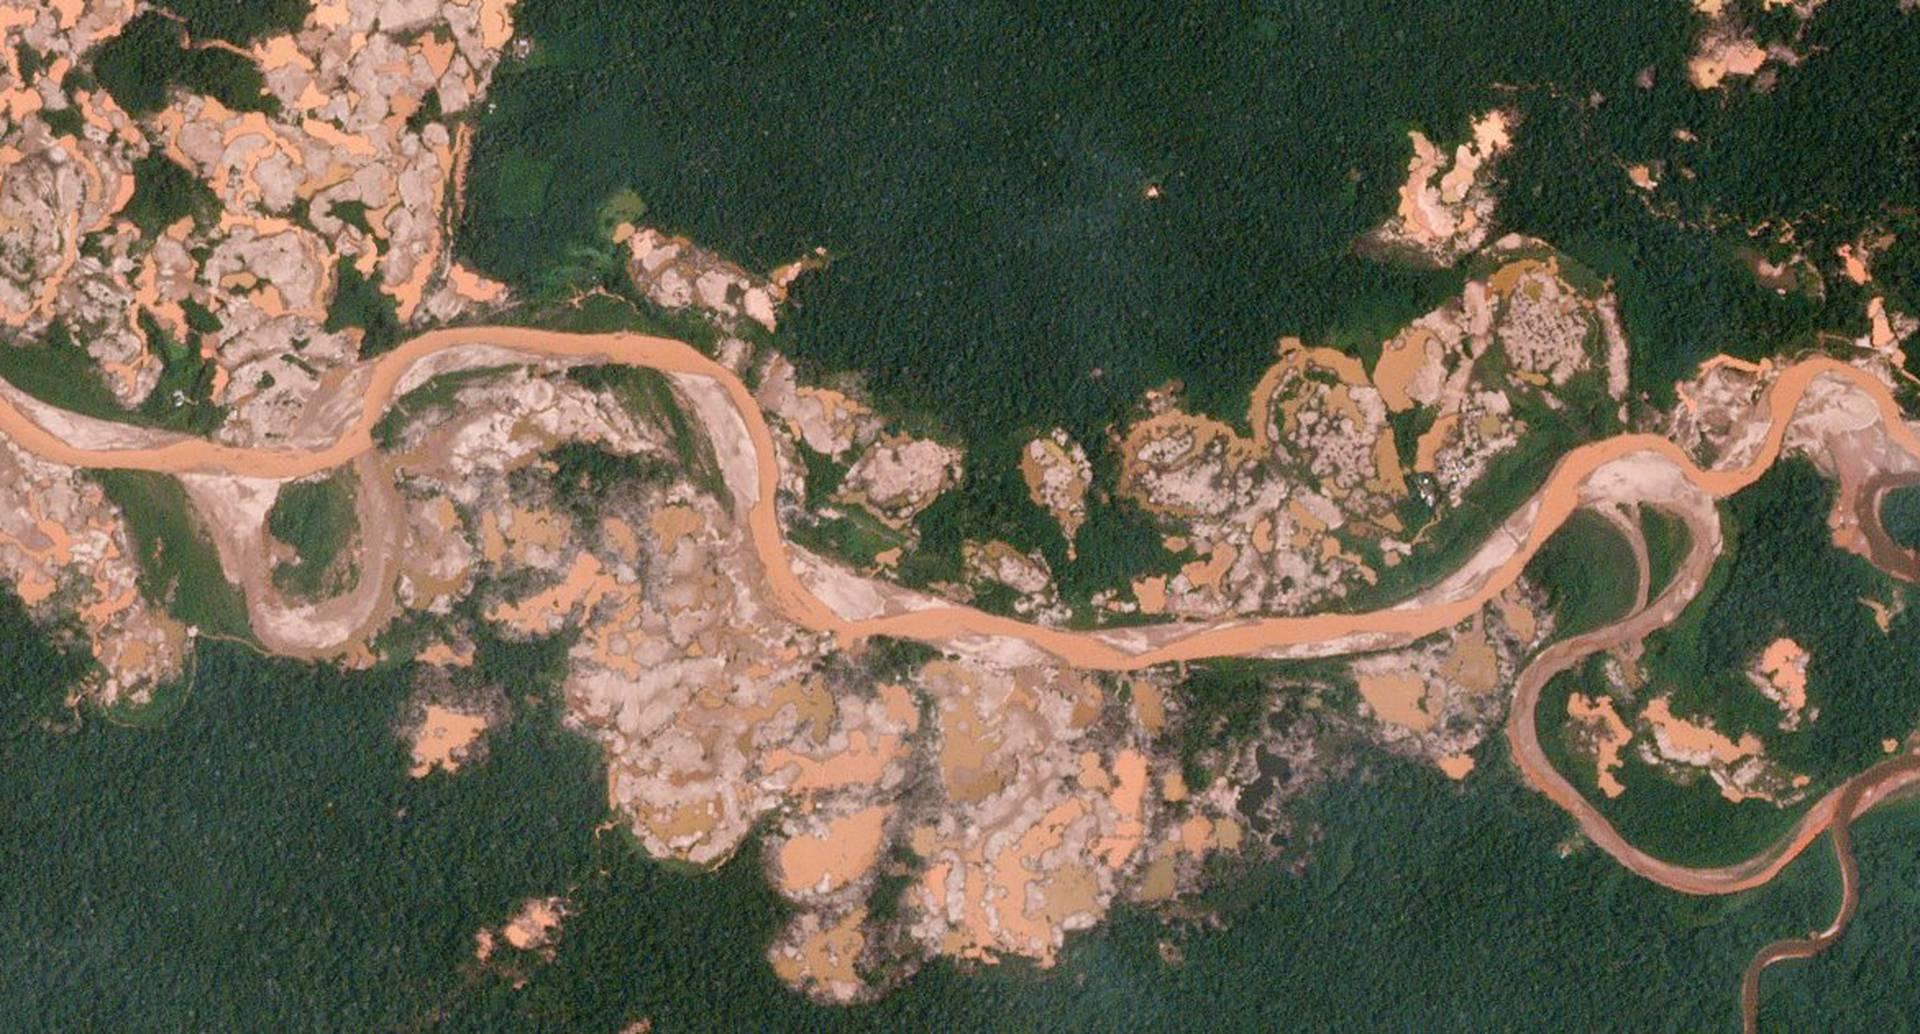 Mina de oro La Pampa, ubicada en la Amazonia peruana.